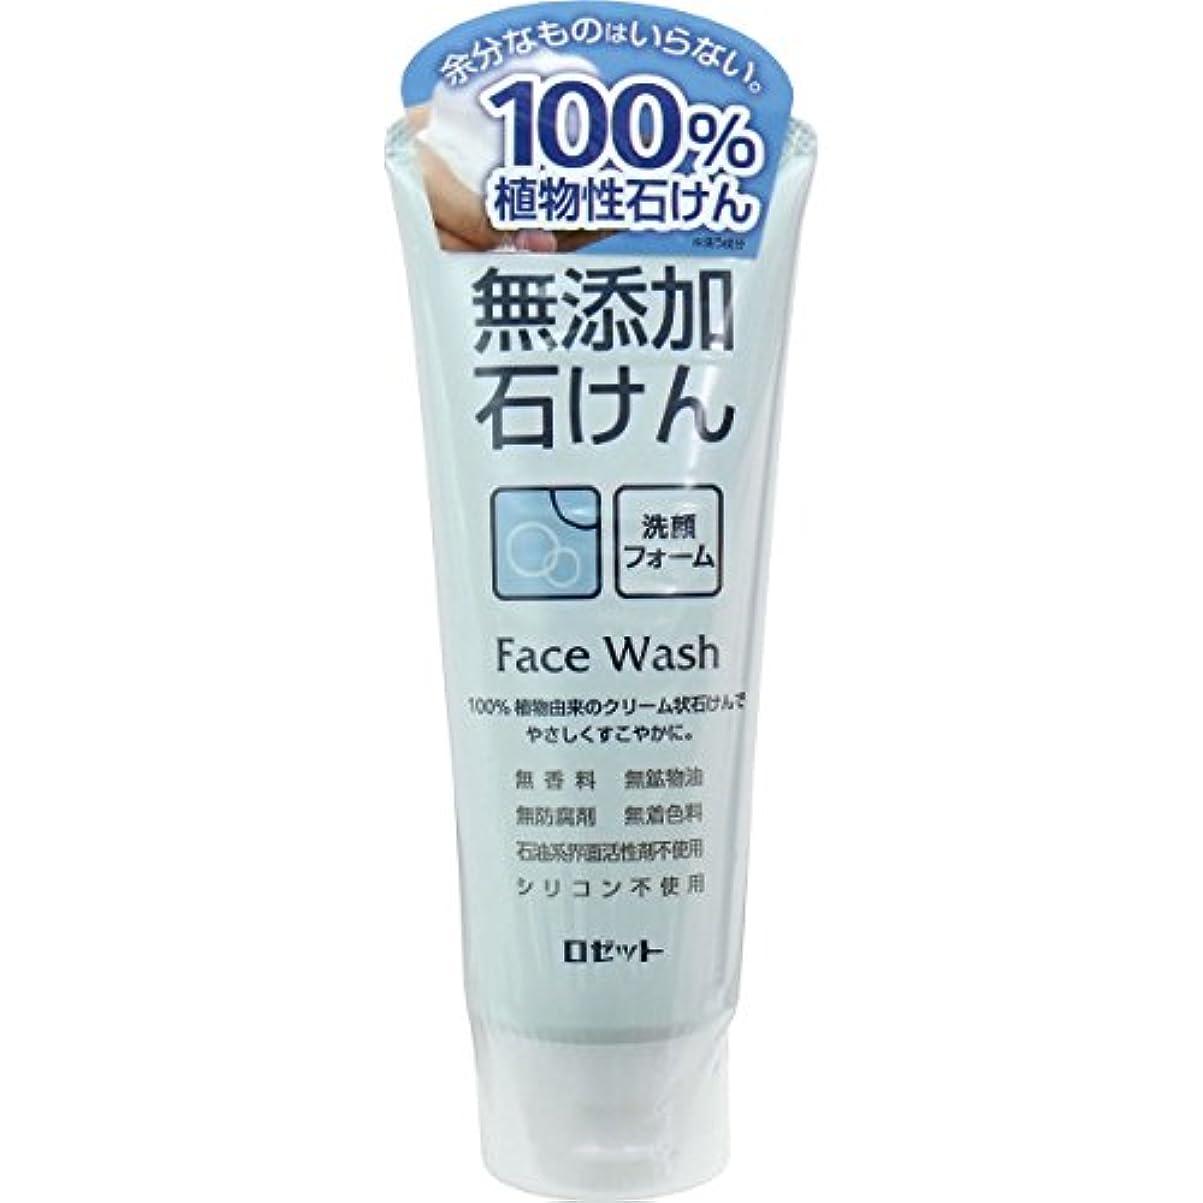 原子瀬戸際迫害する【ロゼット】無添加石けん 洗顔フォーム 140g ×20個セット